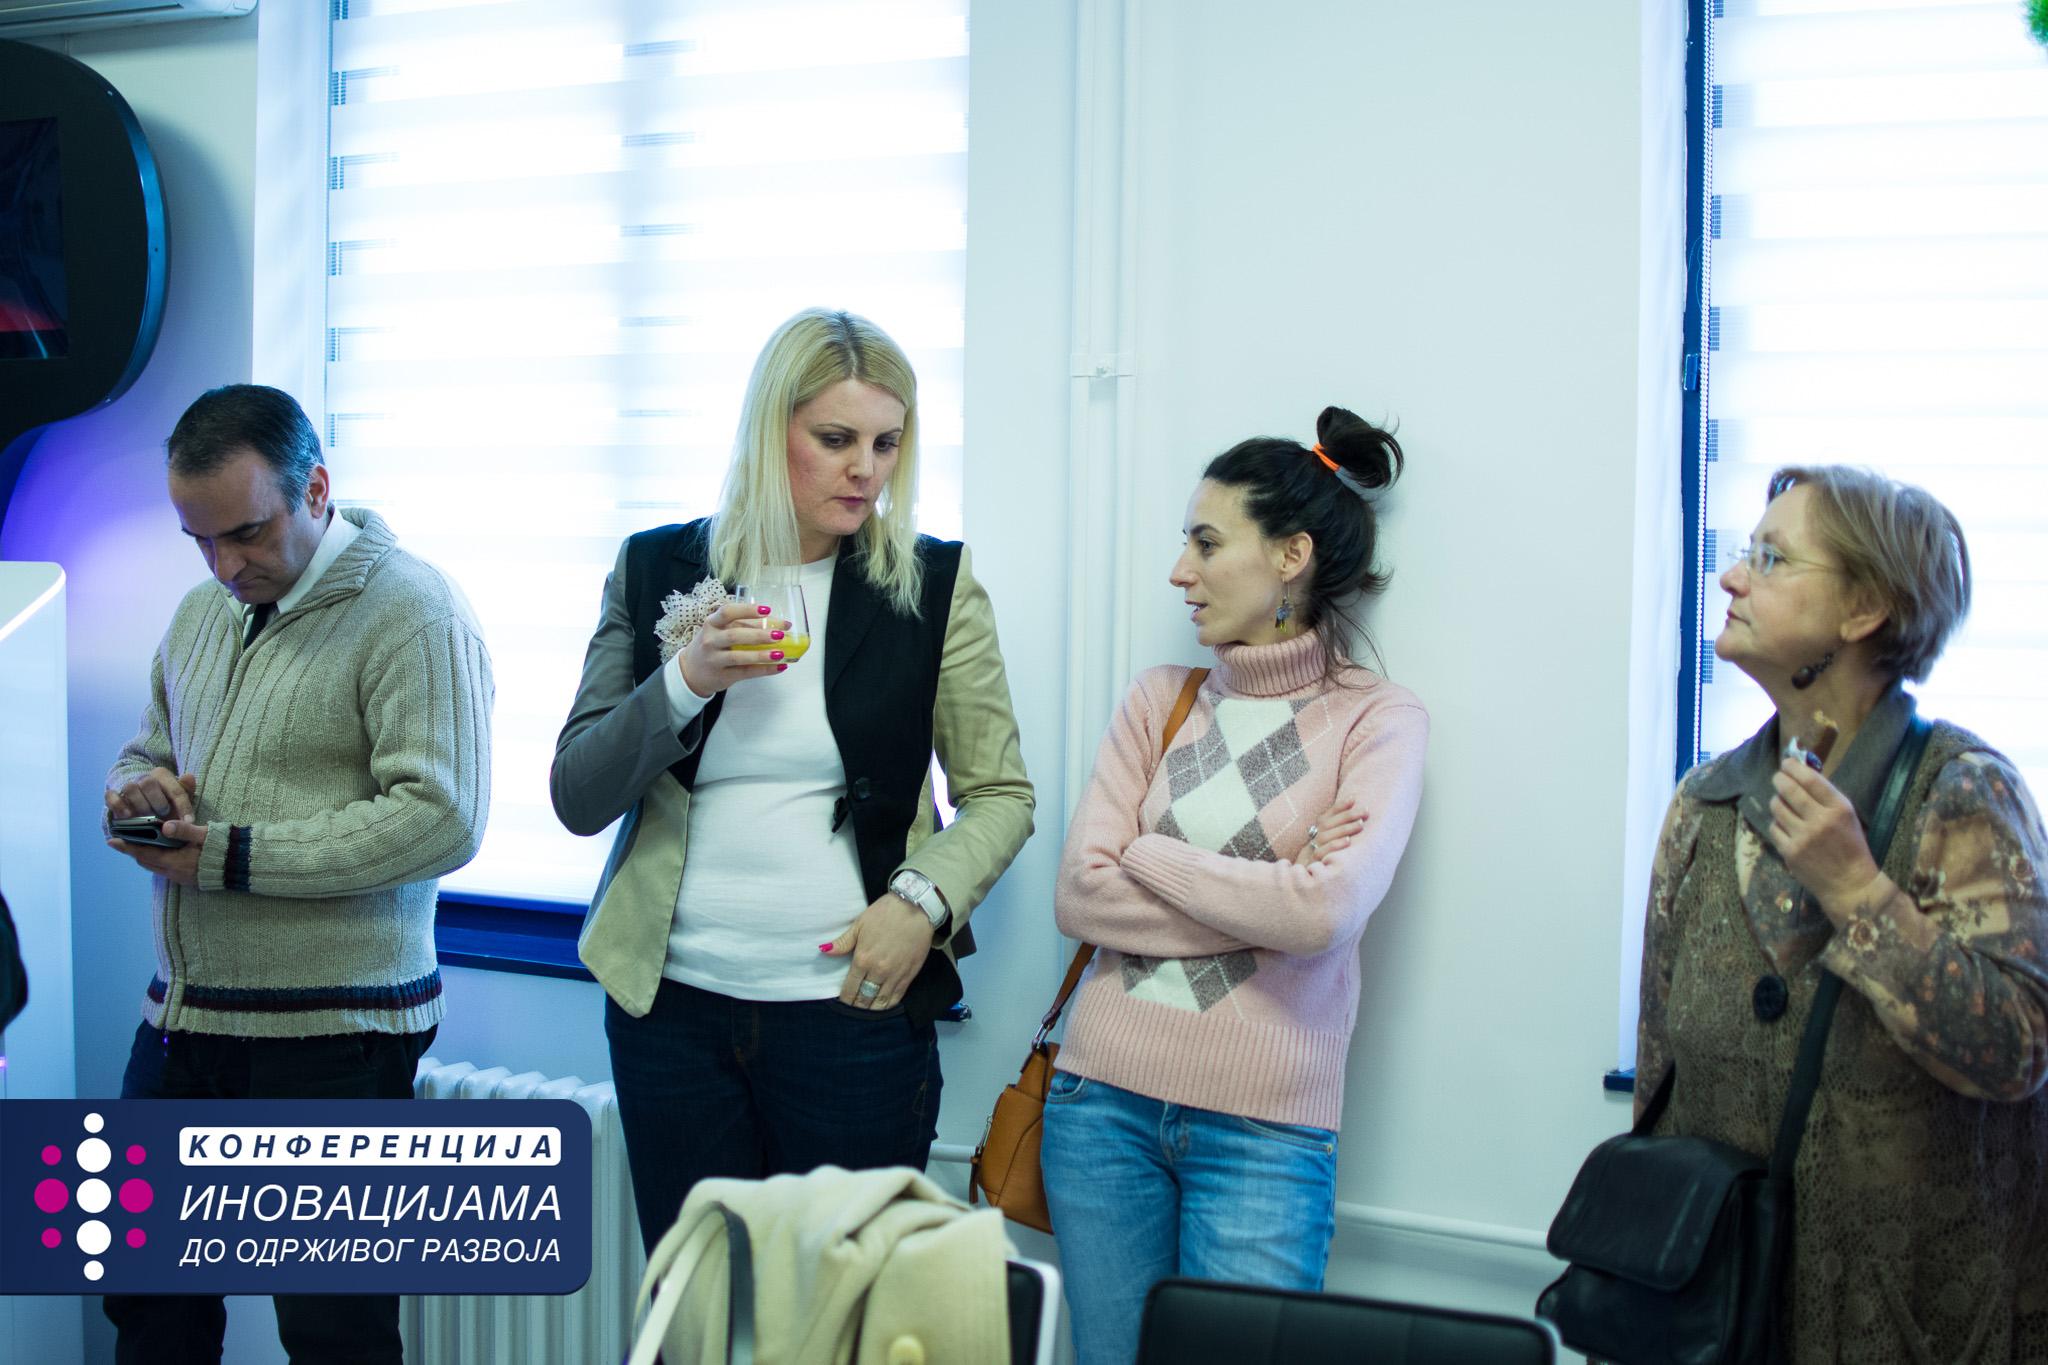 MEF Fakultet - izvestaj sa konferencije 51